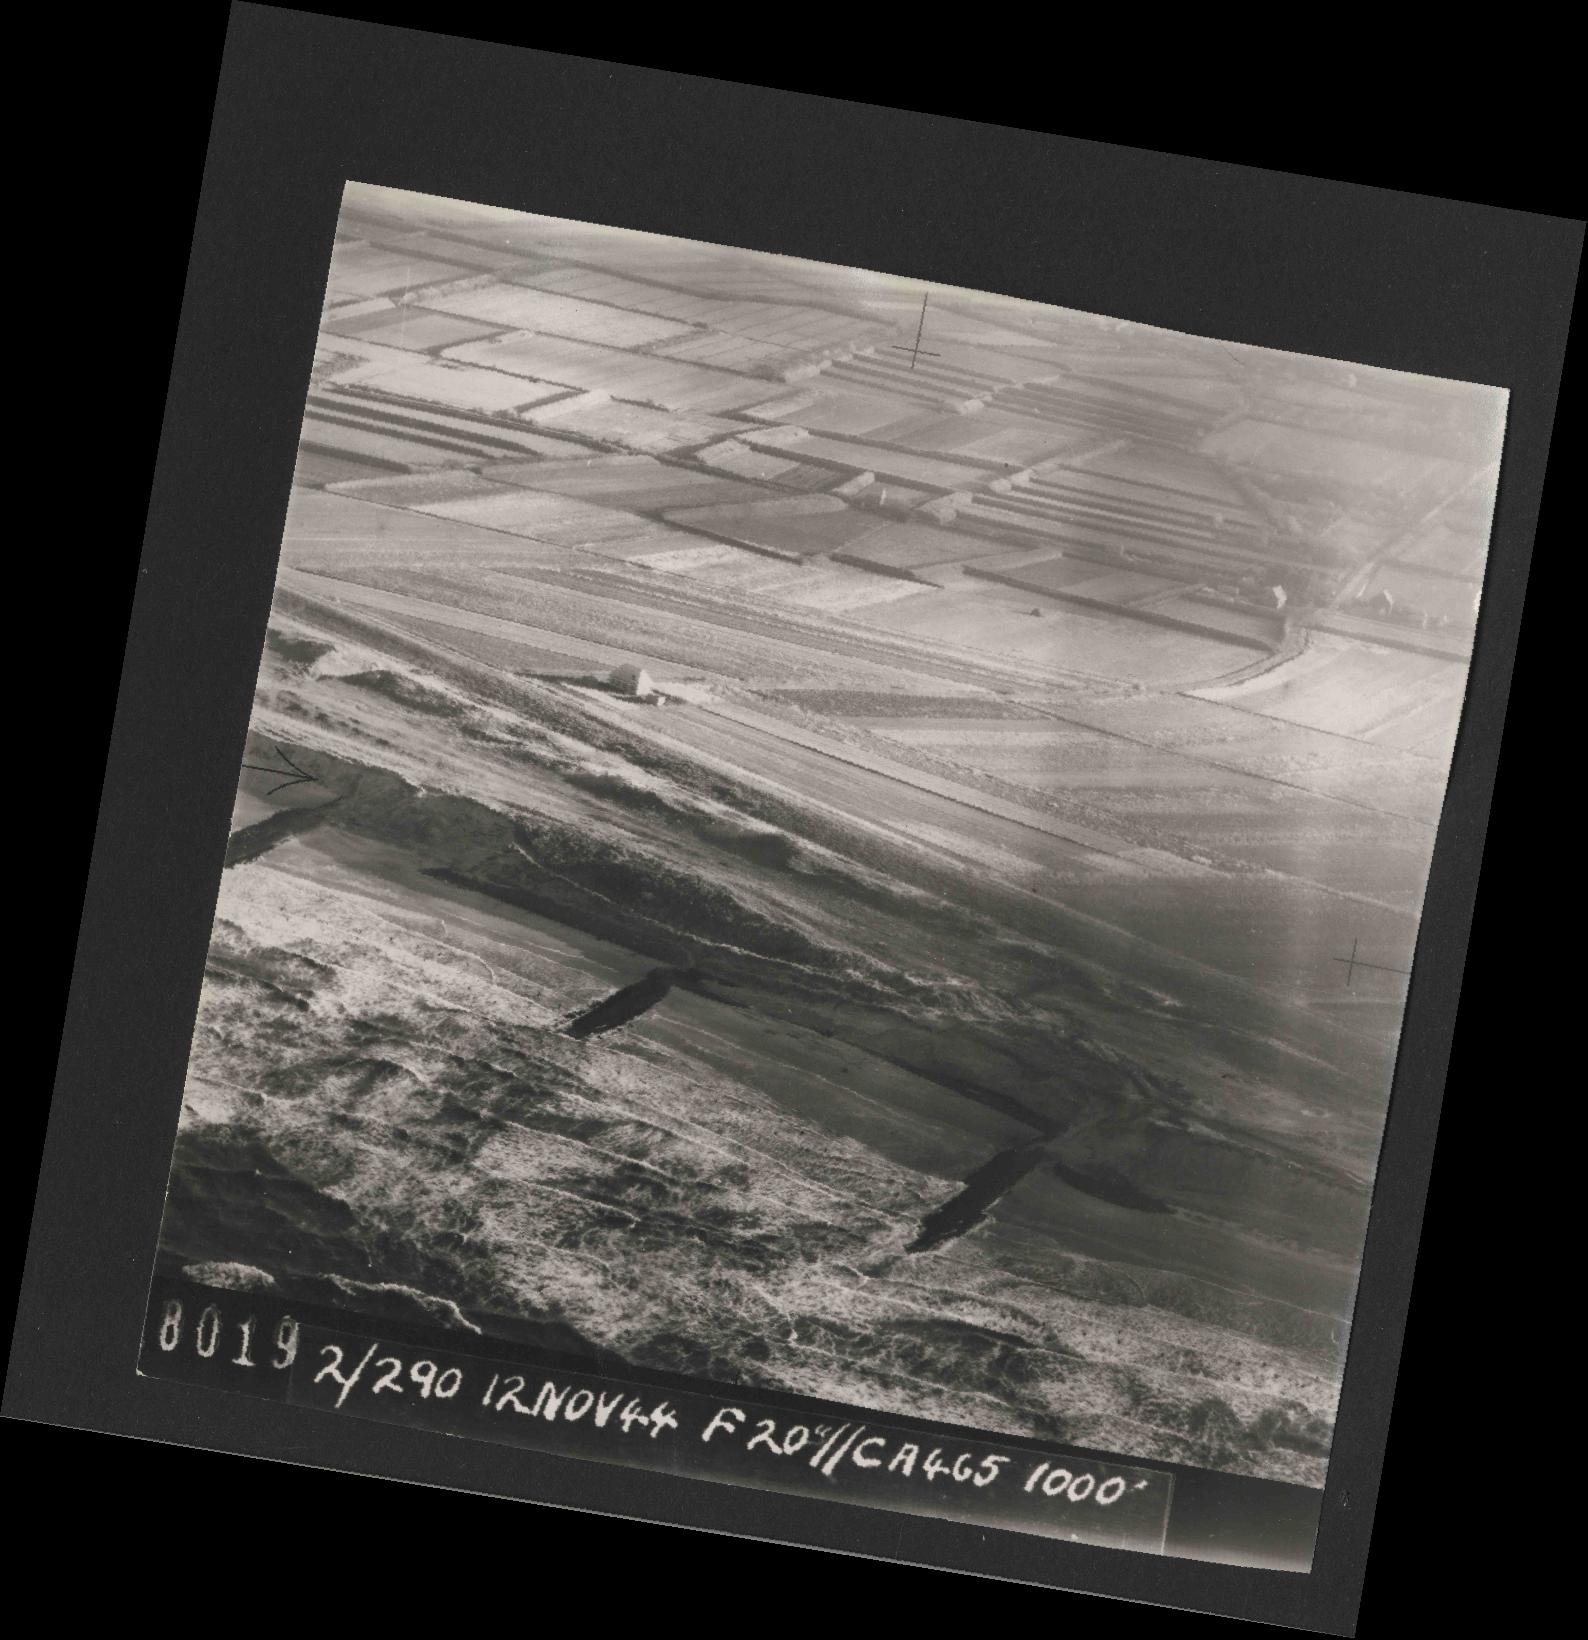 Collection RAF aerial photos 1940-1945 - flight 554, run 01, photo 0019